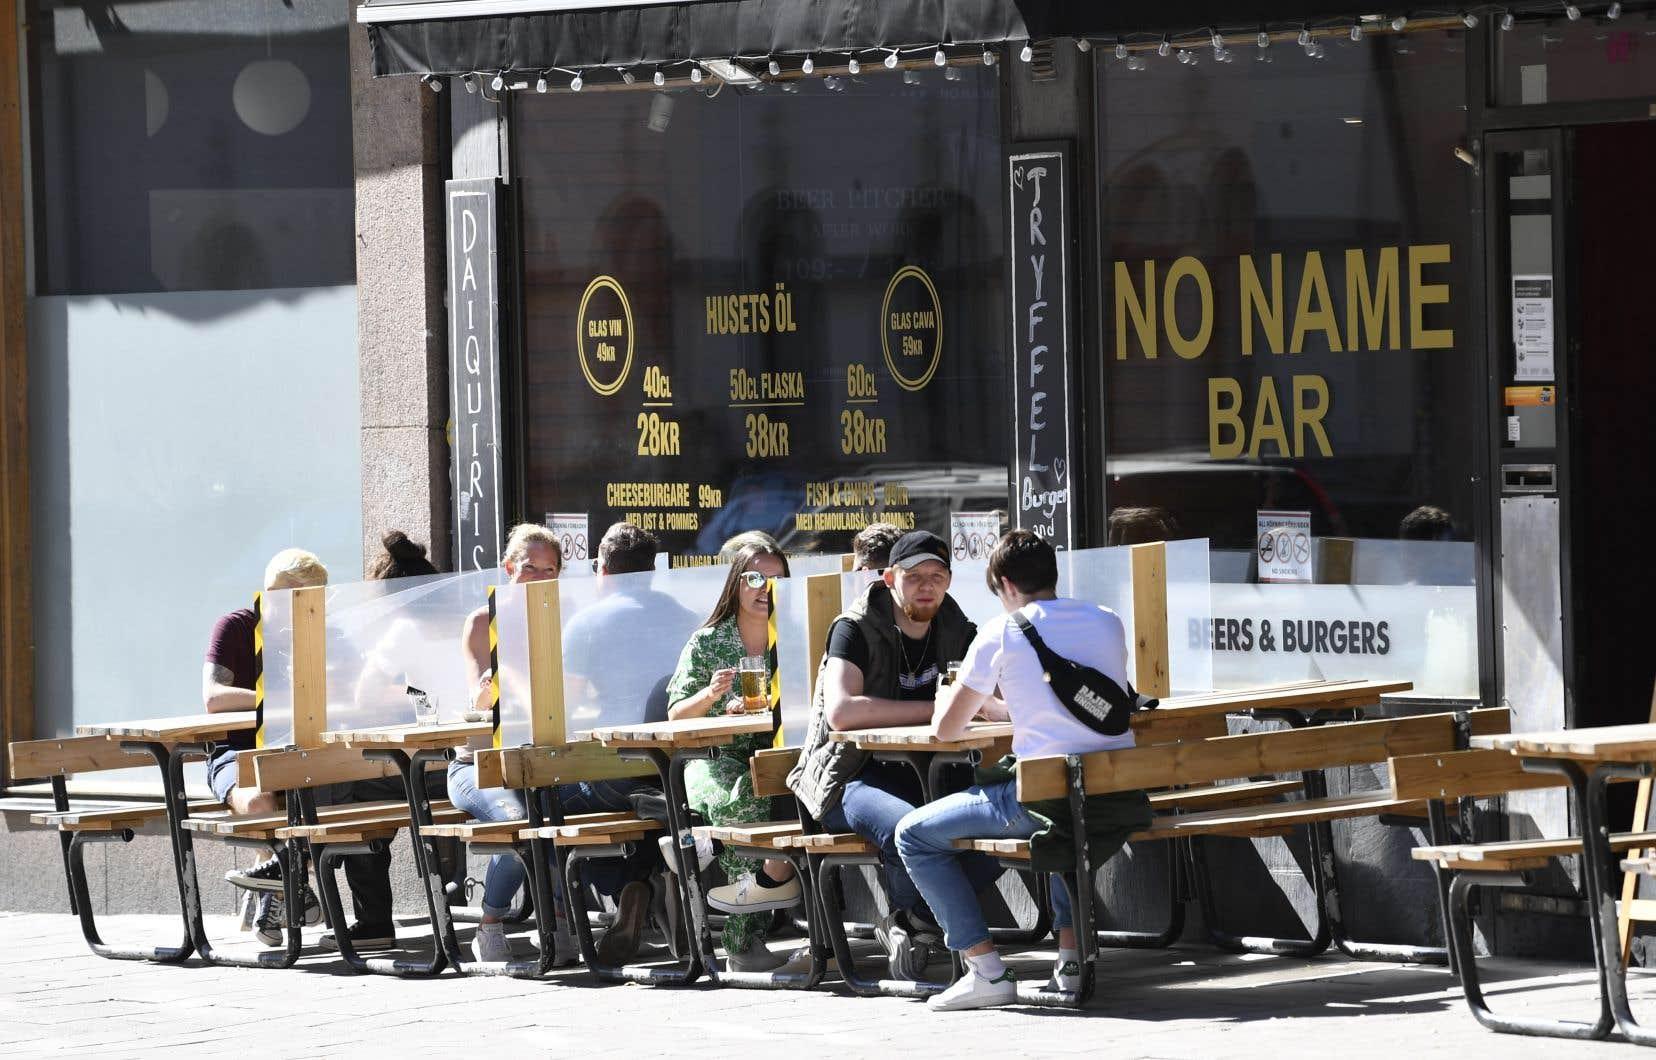 Contrairement au reste de l'Europe, la Suède a maintenu ouverts cafés, bars, restaurants et entreprises.